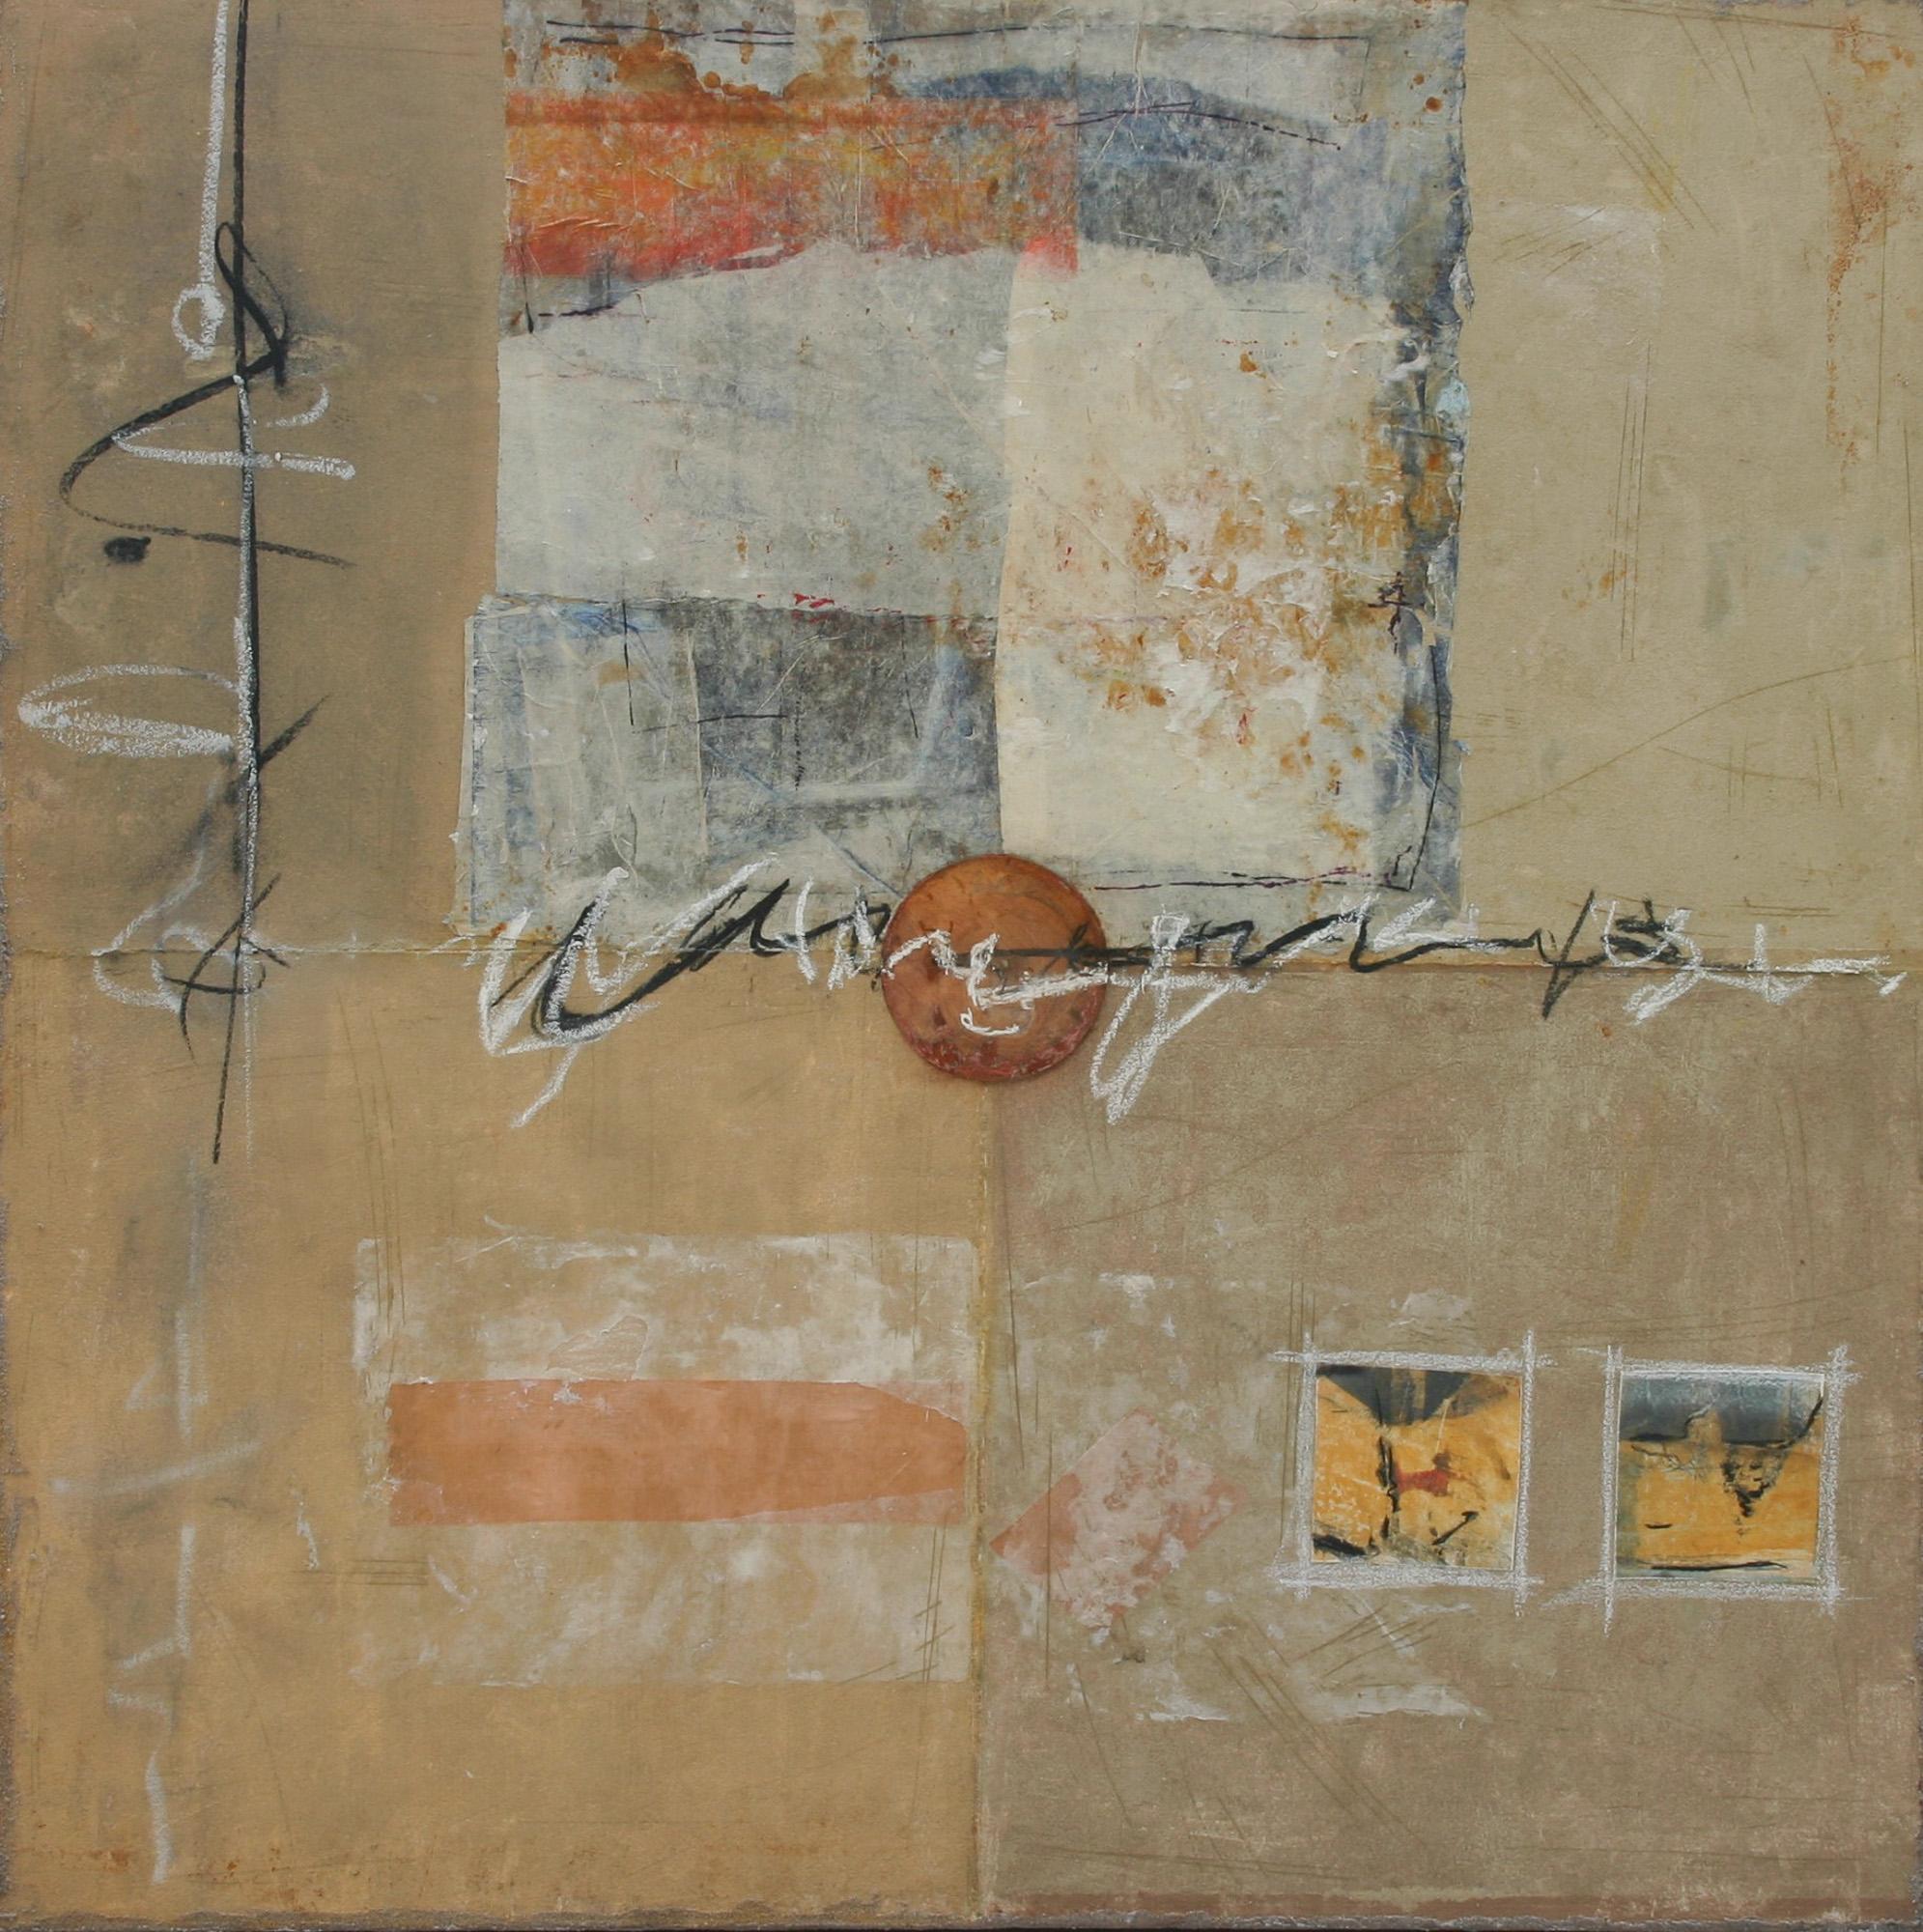 Le dixième jour, 2004, Peinture 100x100cm